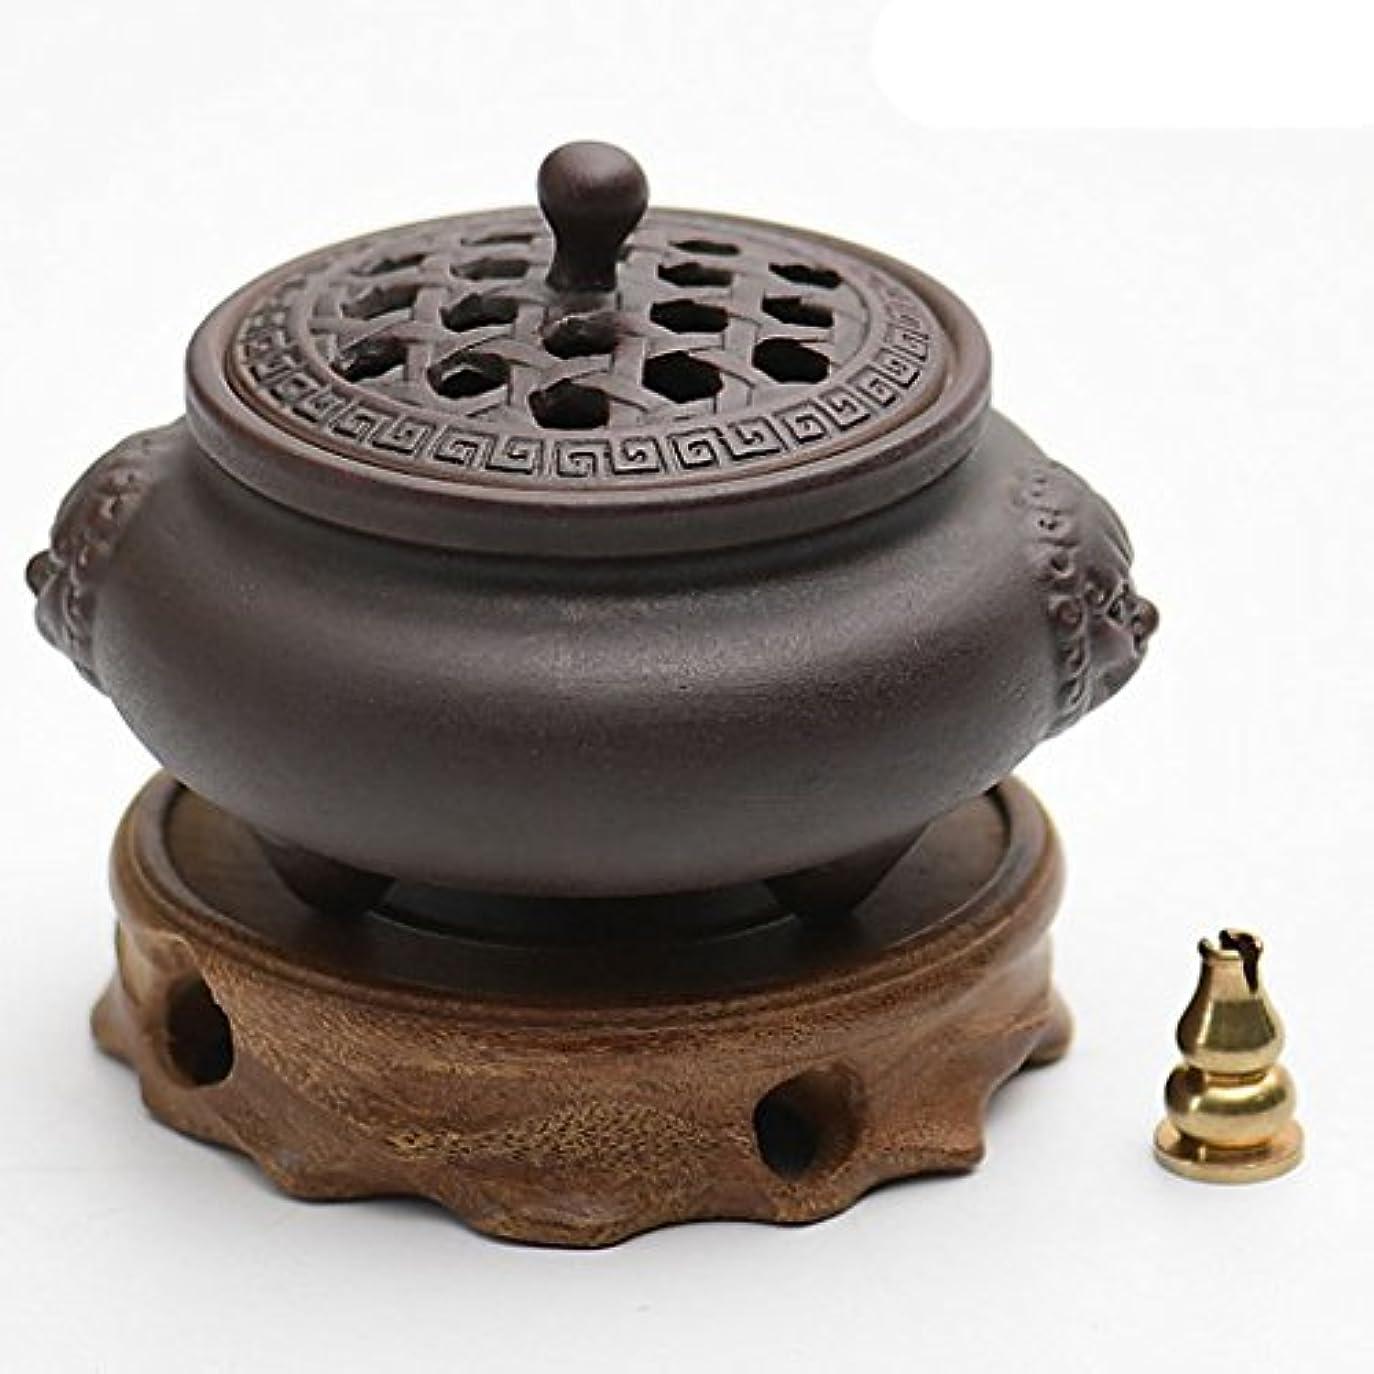 故国アシュリータファーマン自転車(ラシューバー) Lasuiveur 香炉 線香立て 香立て 職人さんの手作り 茶道用品 おしゃれ  木製 透かし彫り